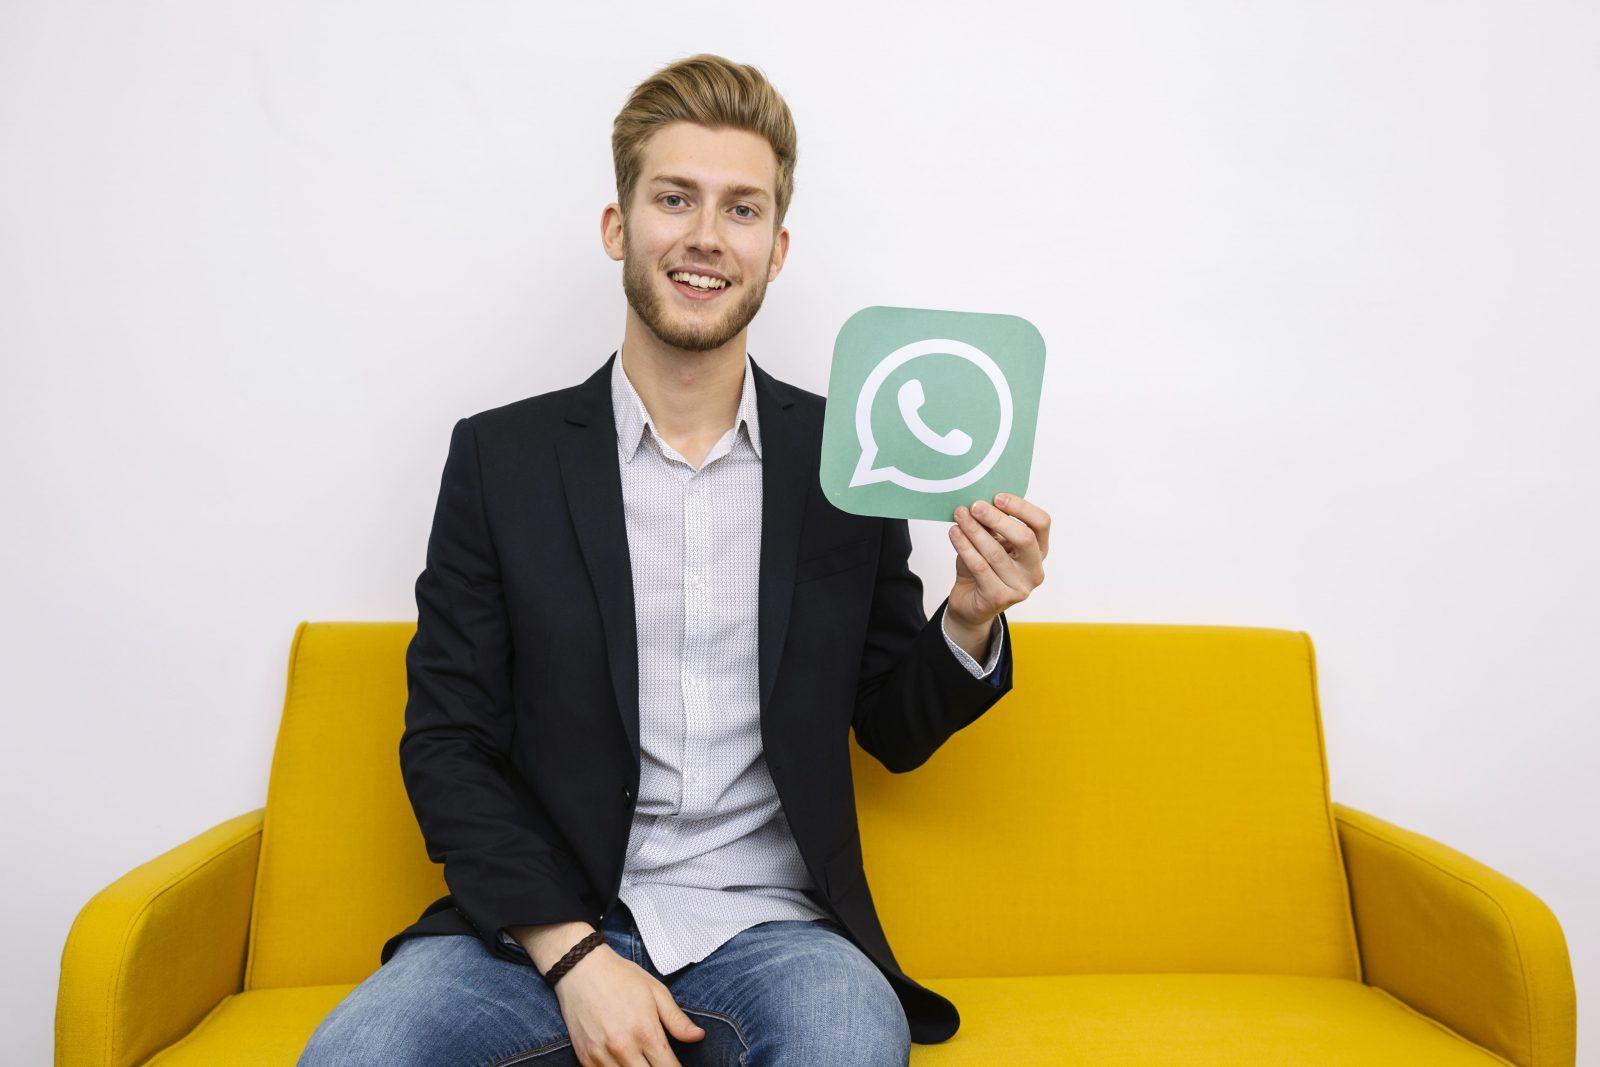 3 passos para vender plano de saúde pelo WhatsApp